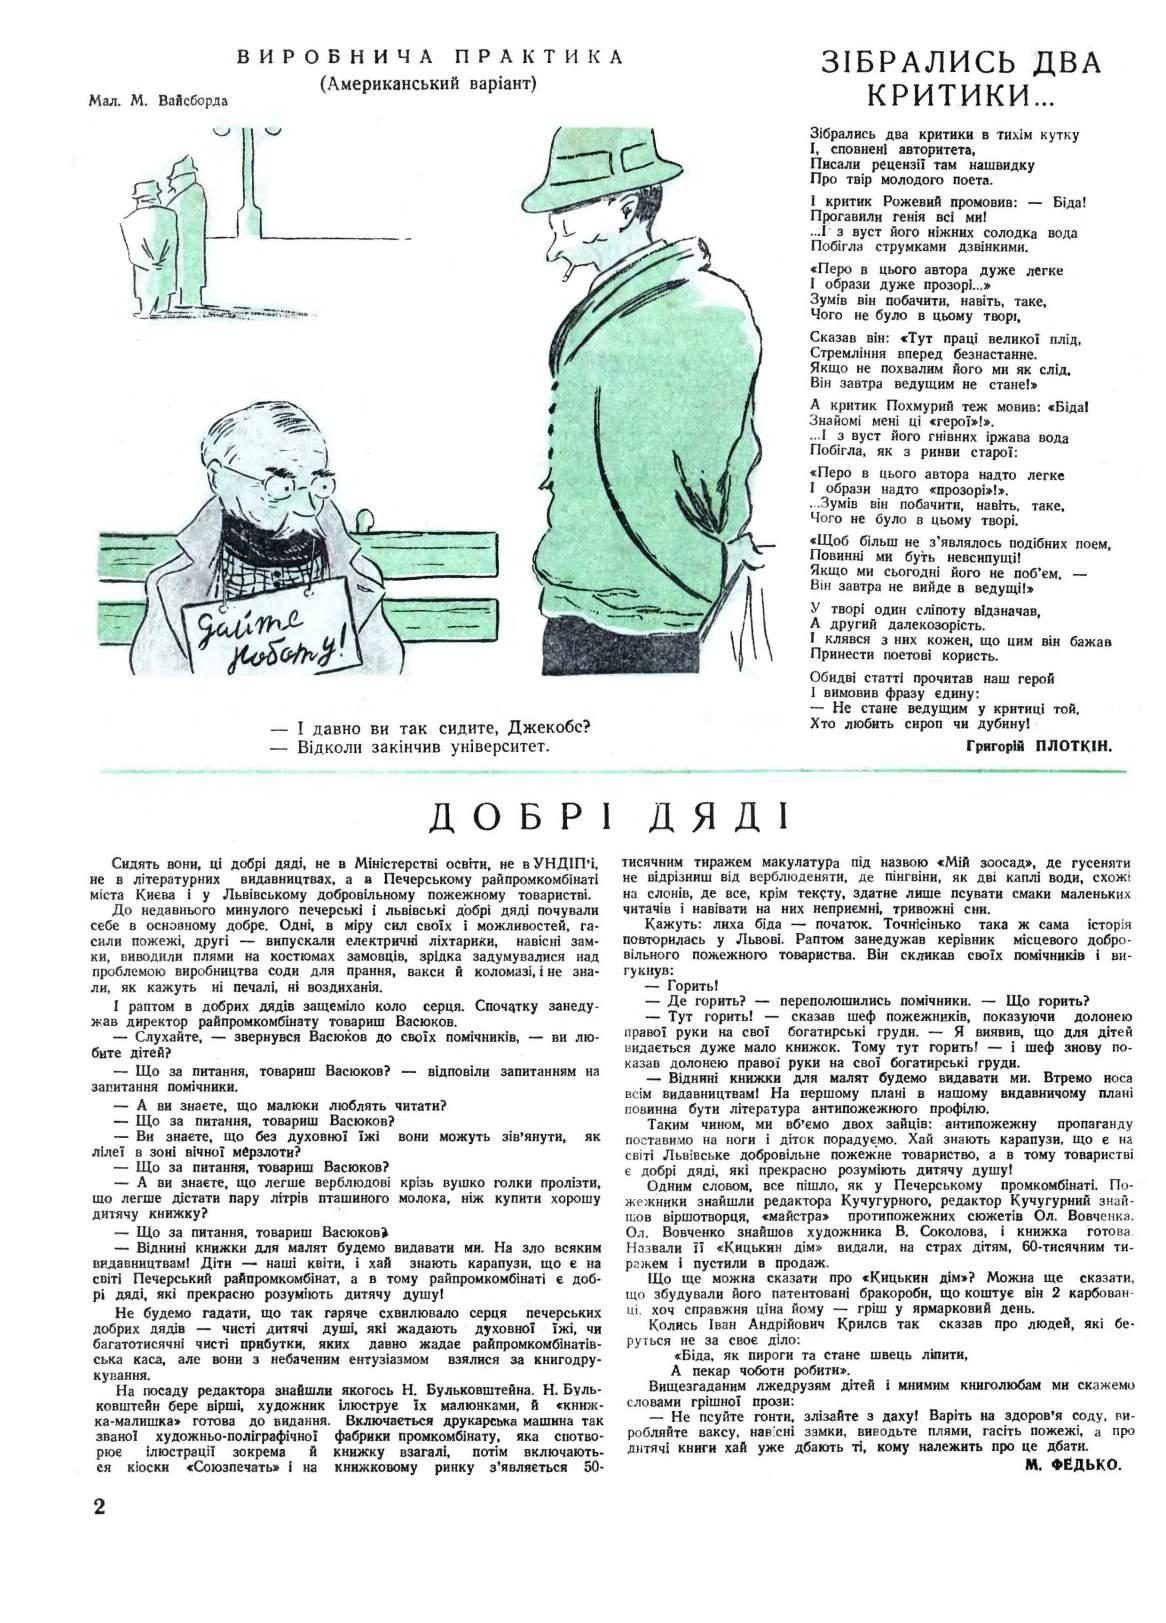 Журнал перець 1948 №10